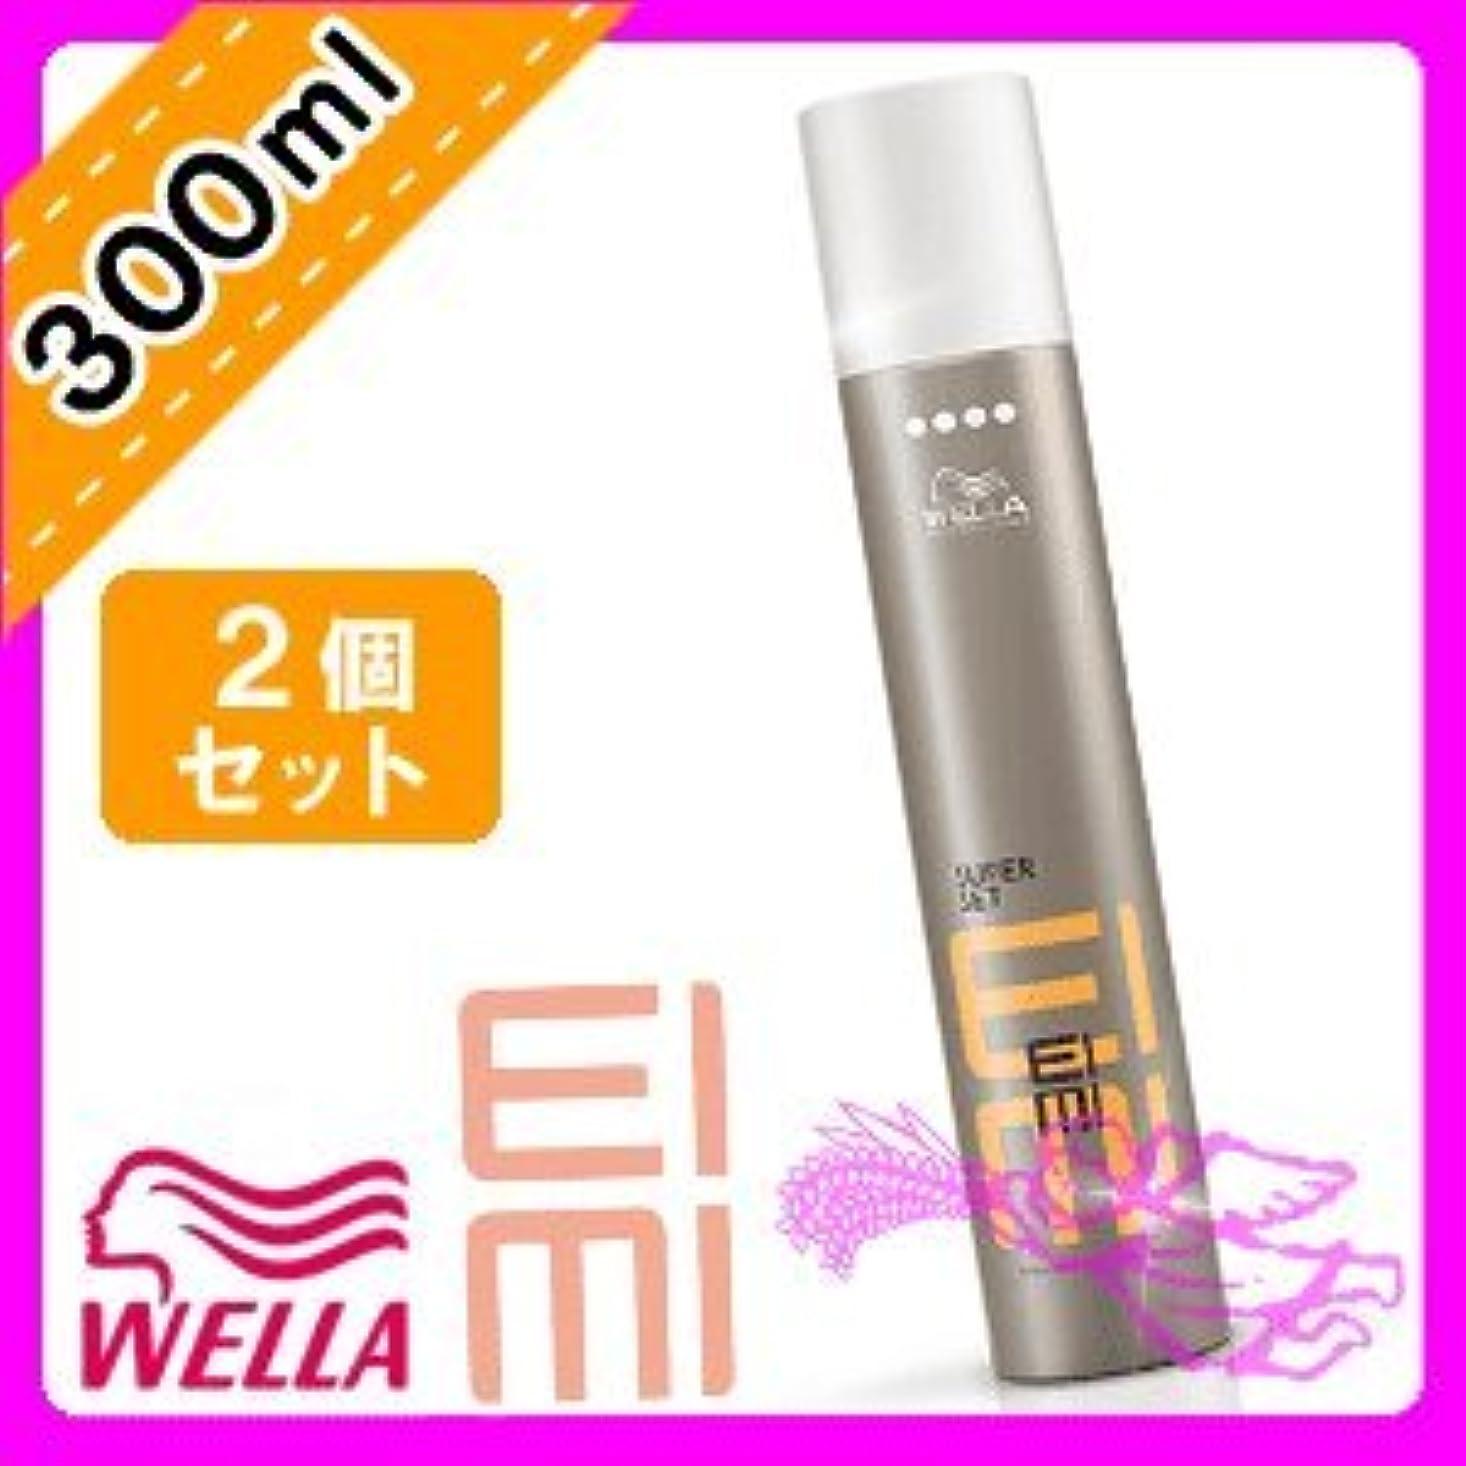 花火泣く破産ウエラ EIMI(アイミィ) スーパーセットスプレー 300ml ×2個 セット WELLA P&G